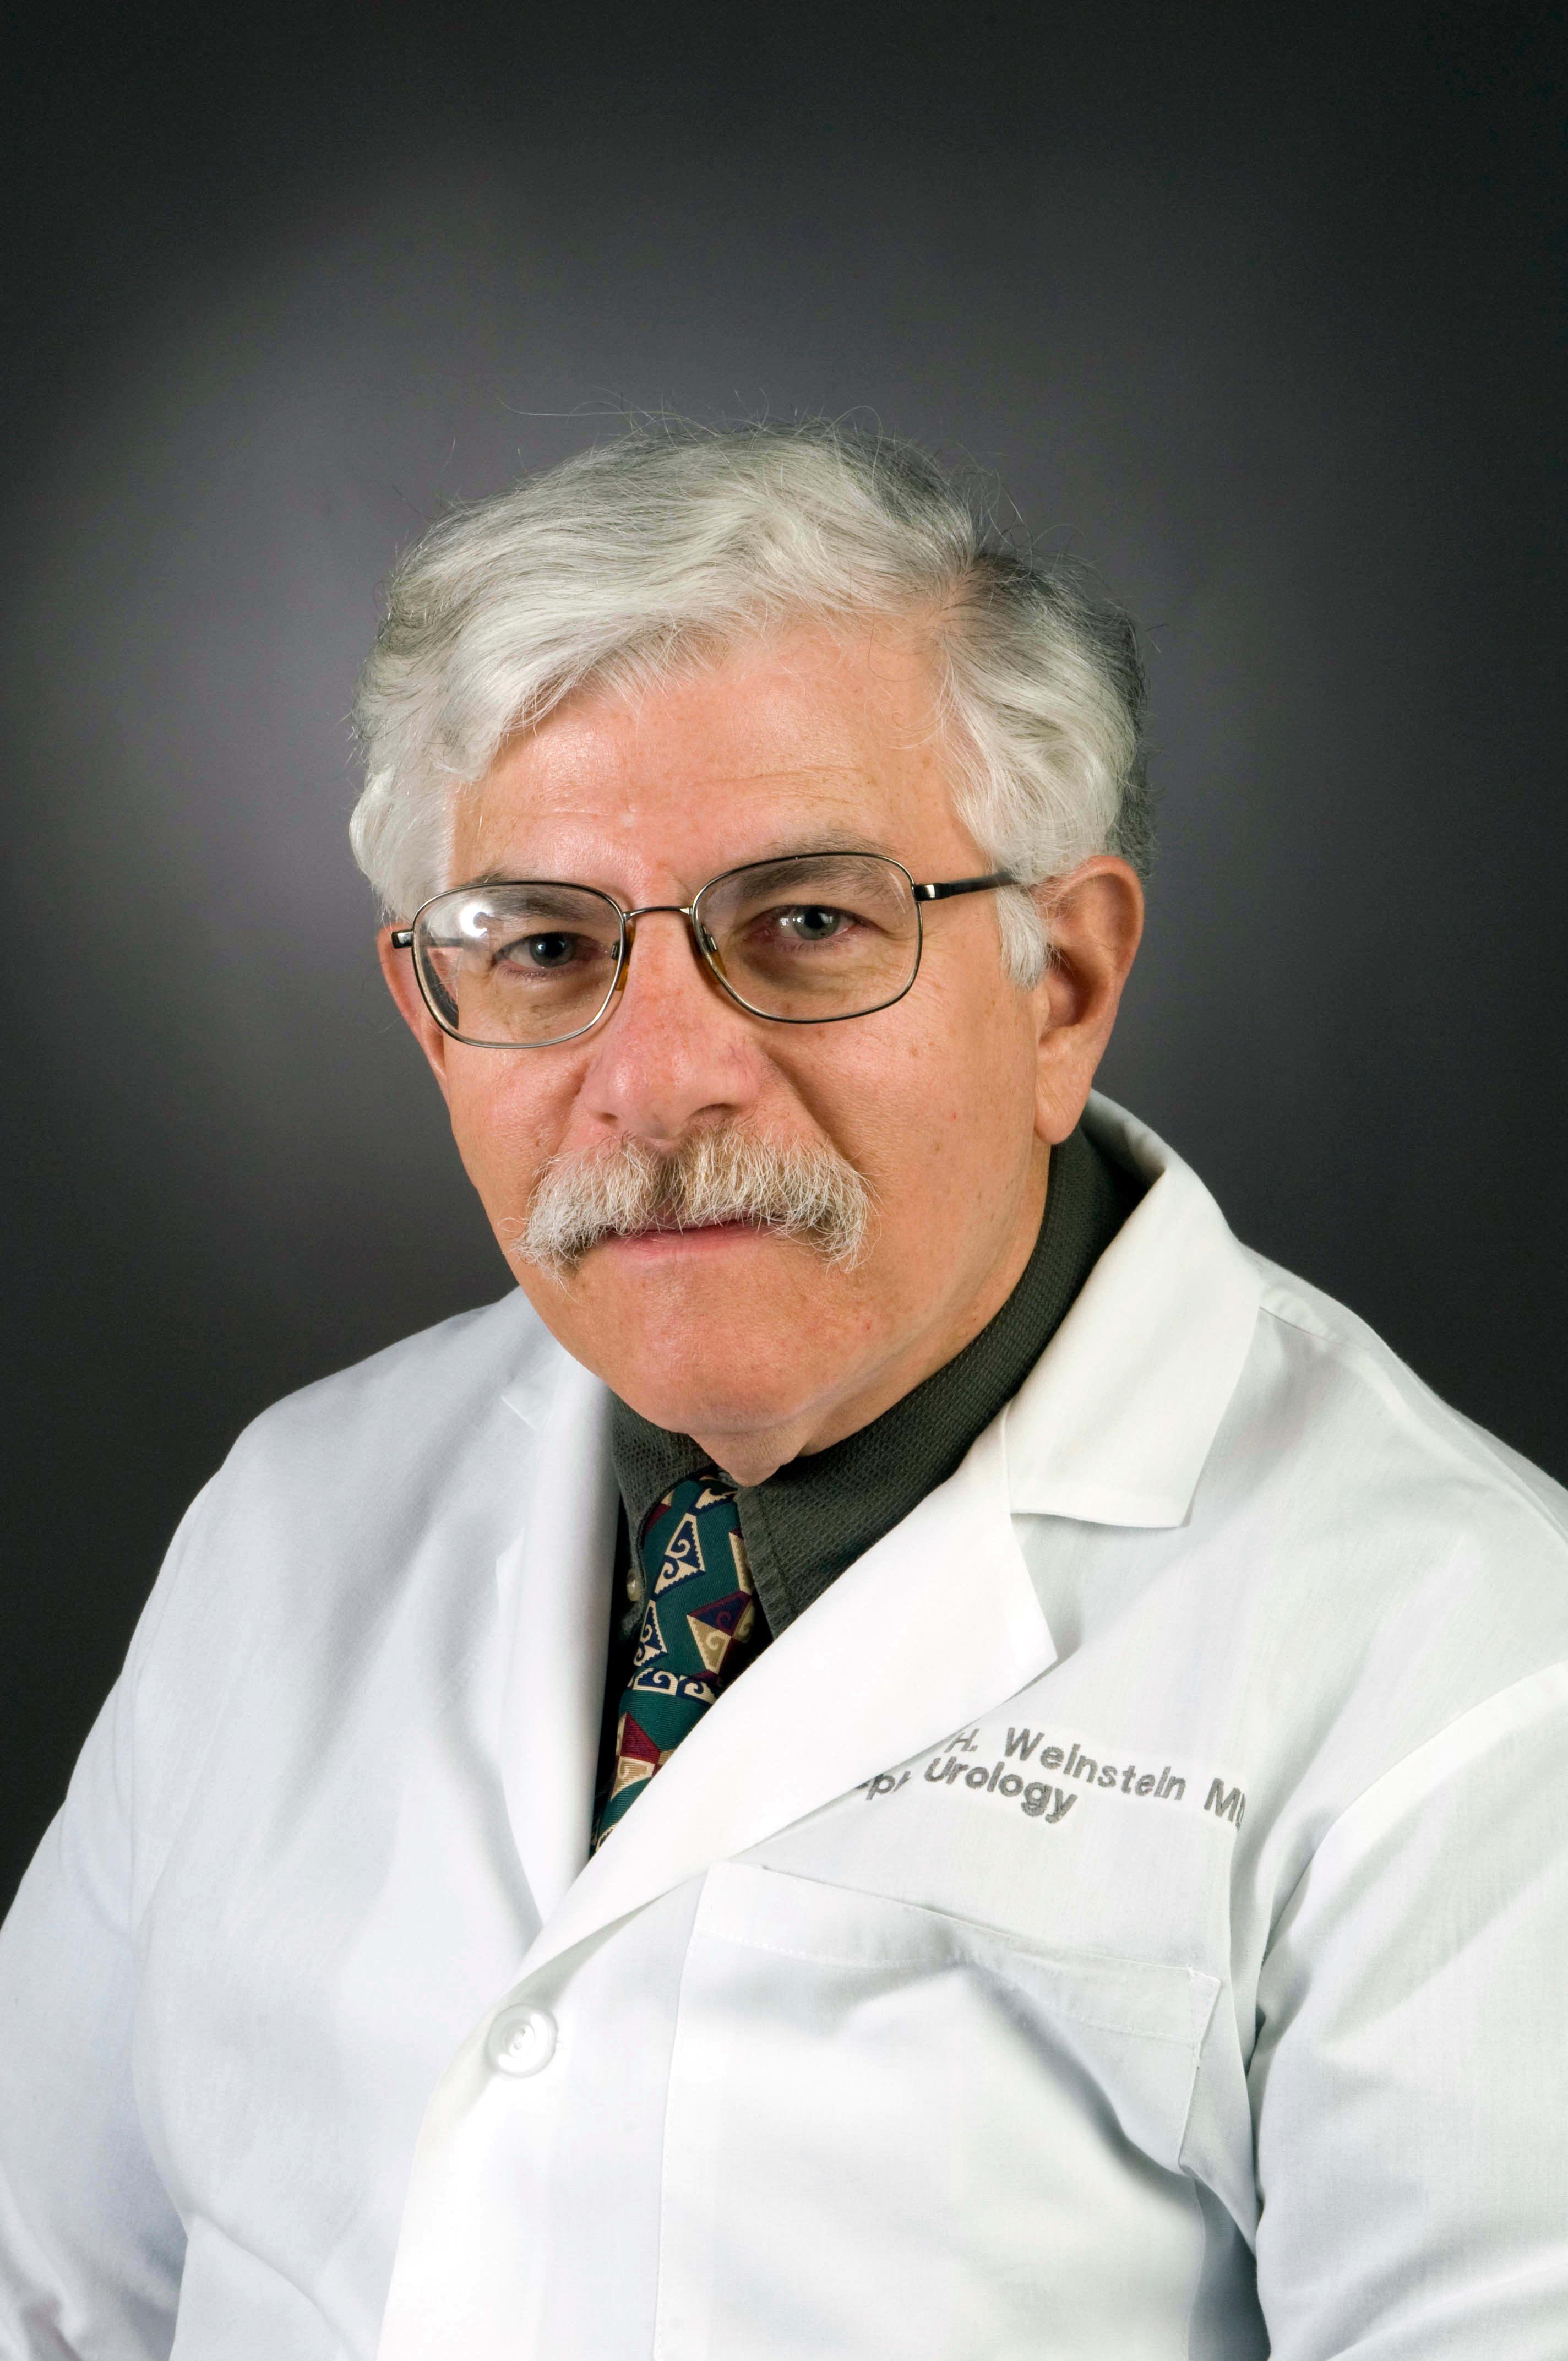 Dr. Stephen H Weinstein MD